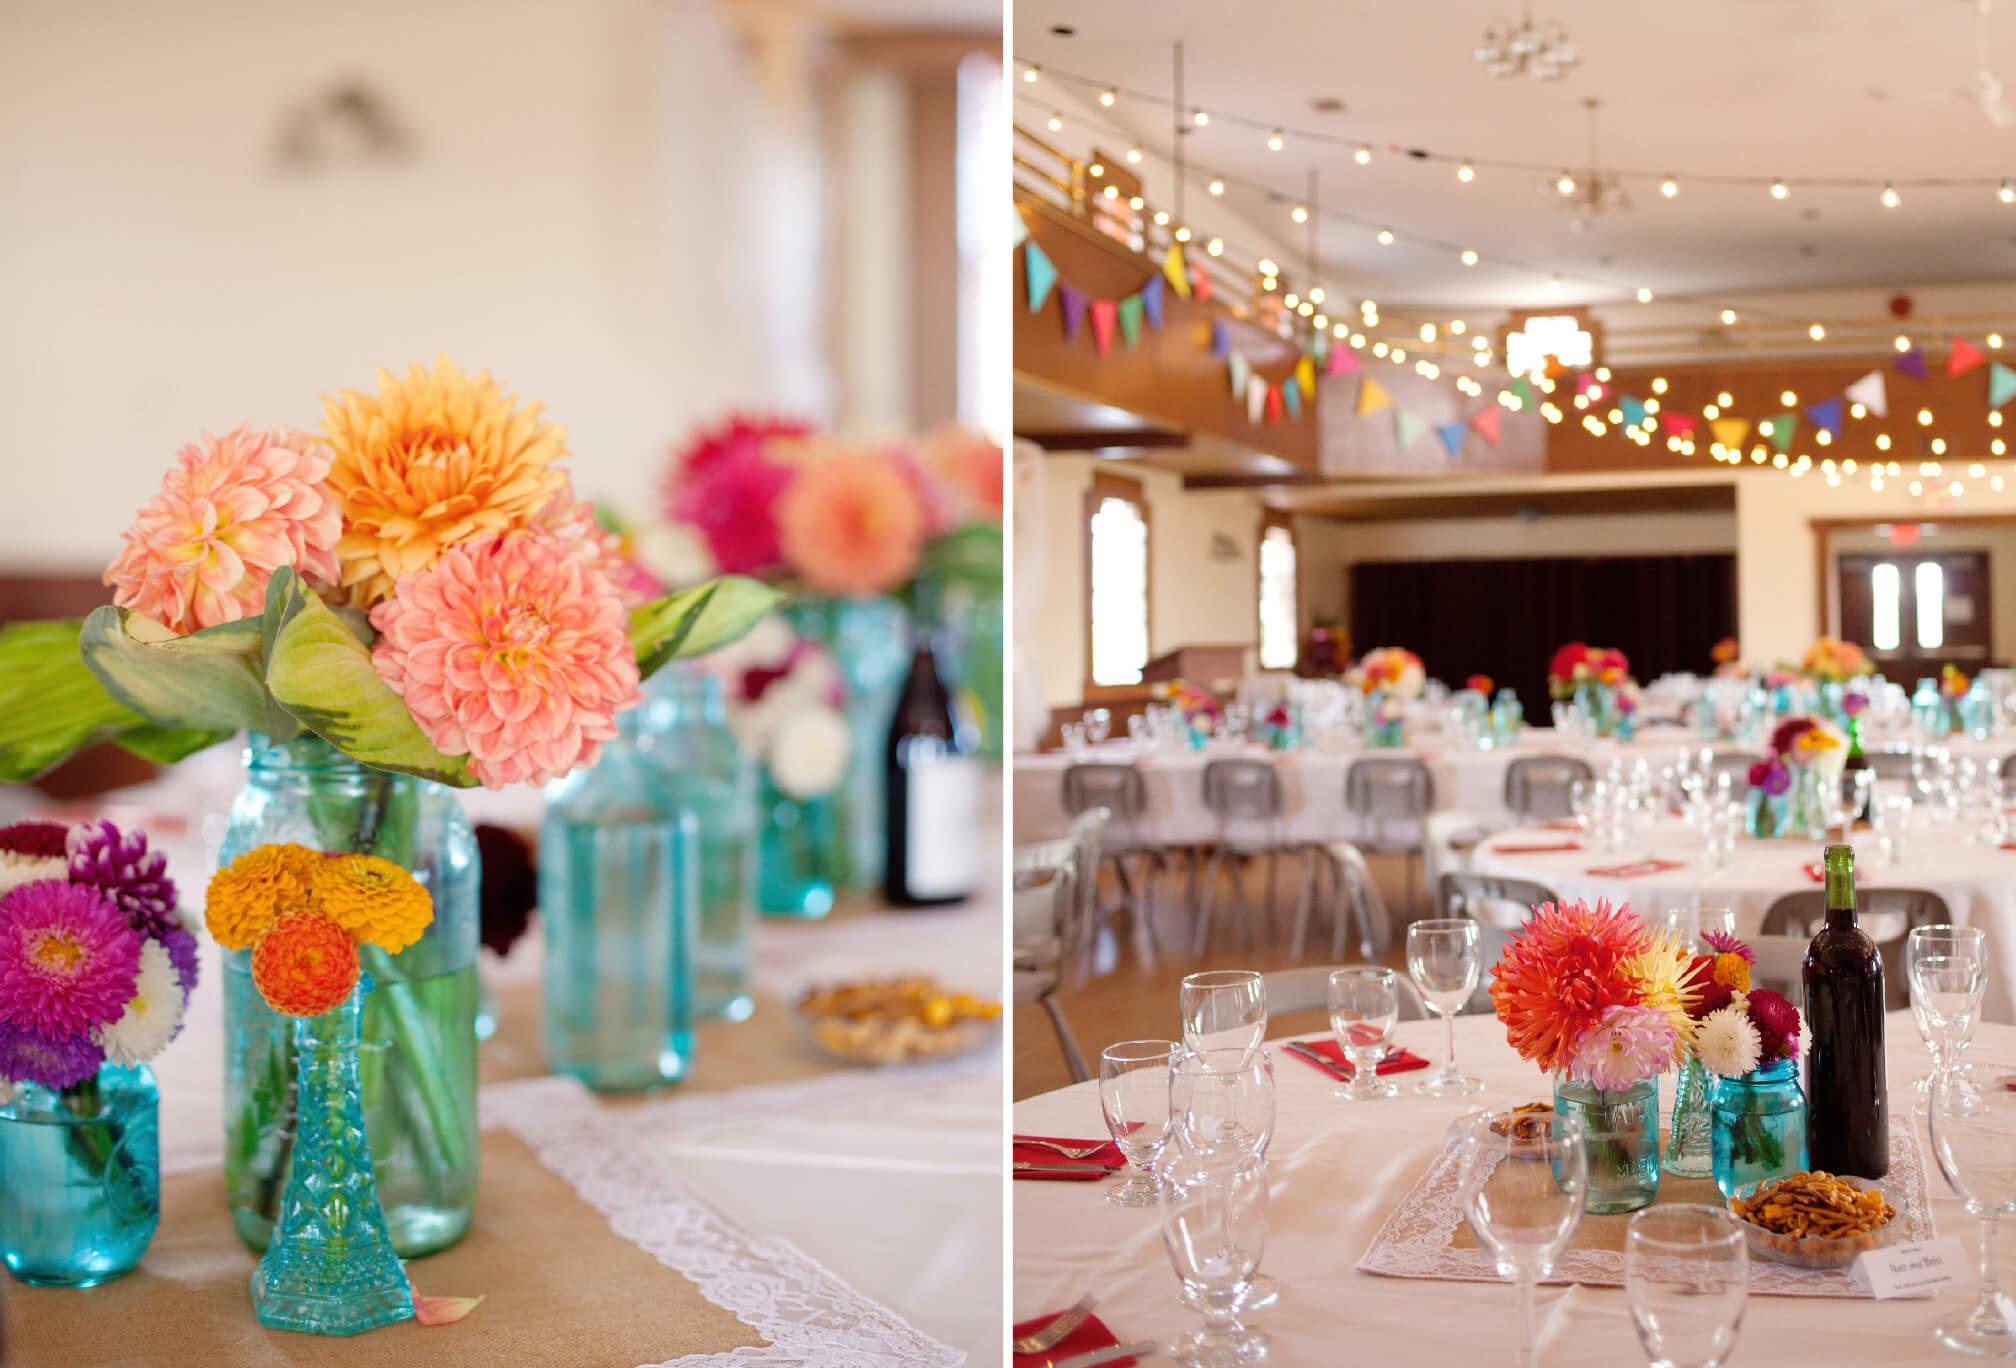 colourful wedding decor dahlias